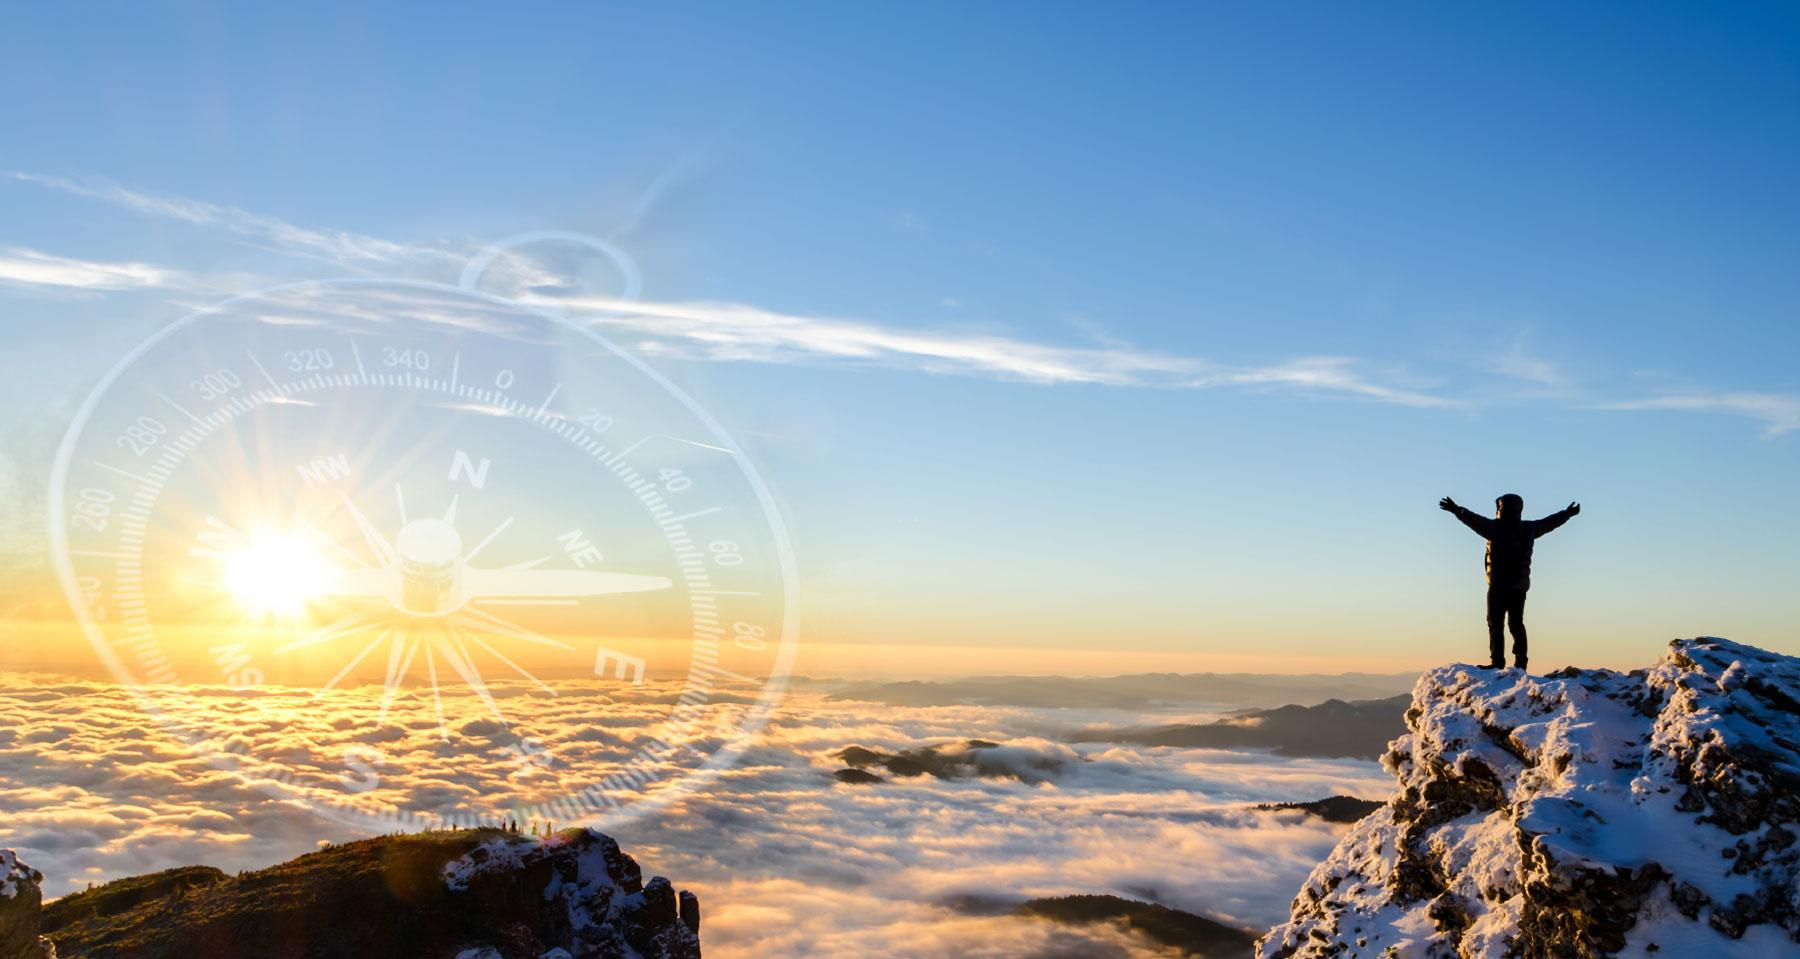 Wanderer feiert Erfolg auf einem Berg in einem majestätischen Sonnenaufgang